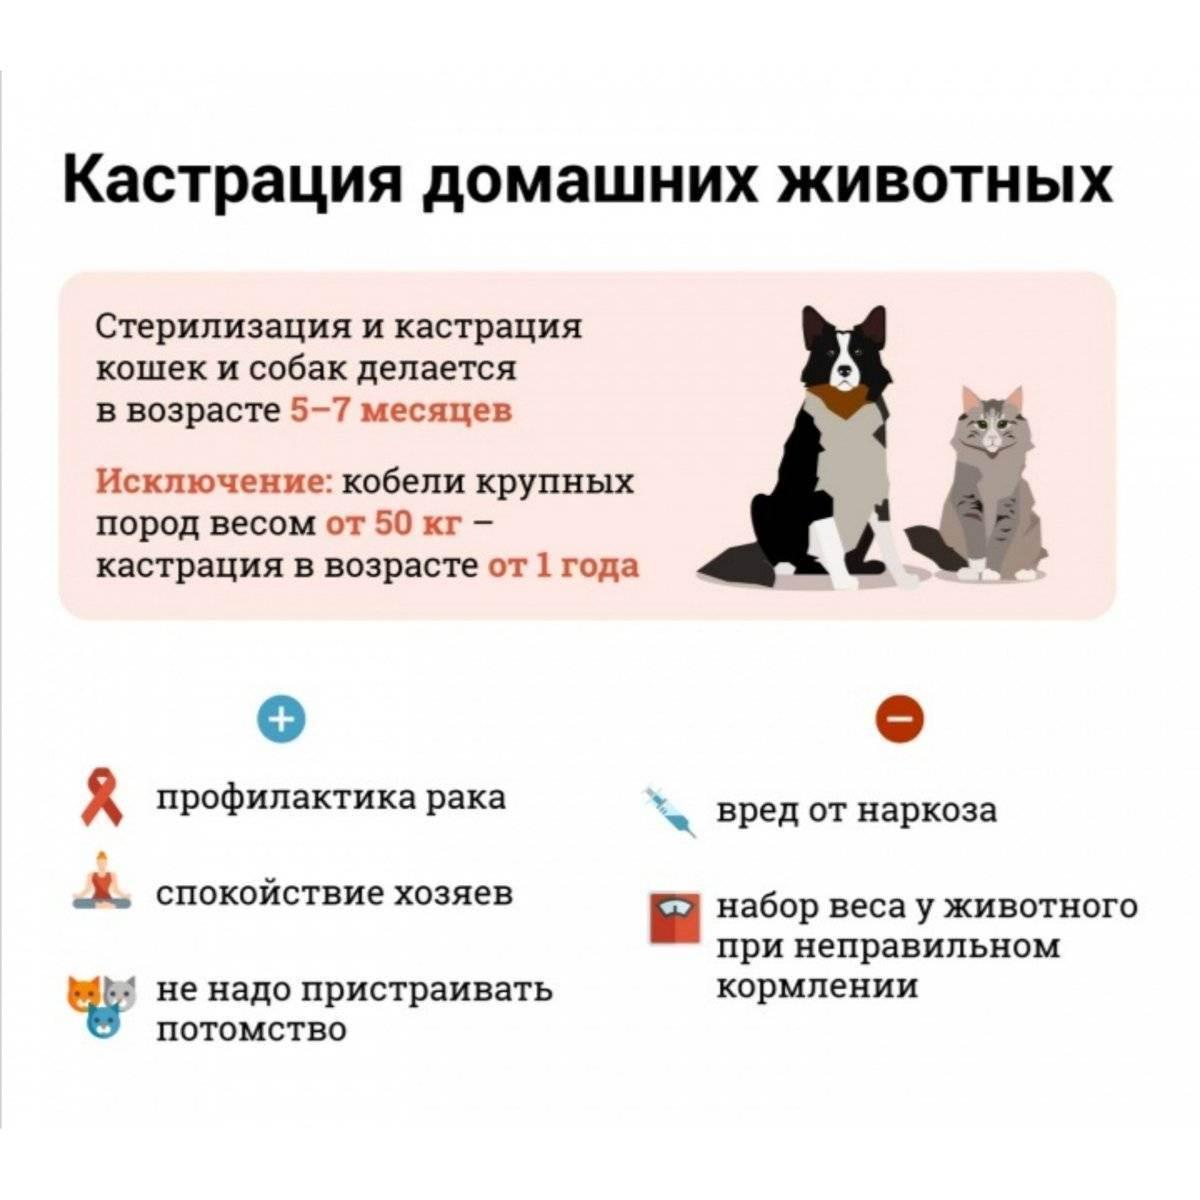 Стерилизация кошек: плюсы и минусы, когда и как проводится кастрация, рекомендации ветеринаров